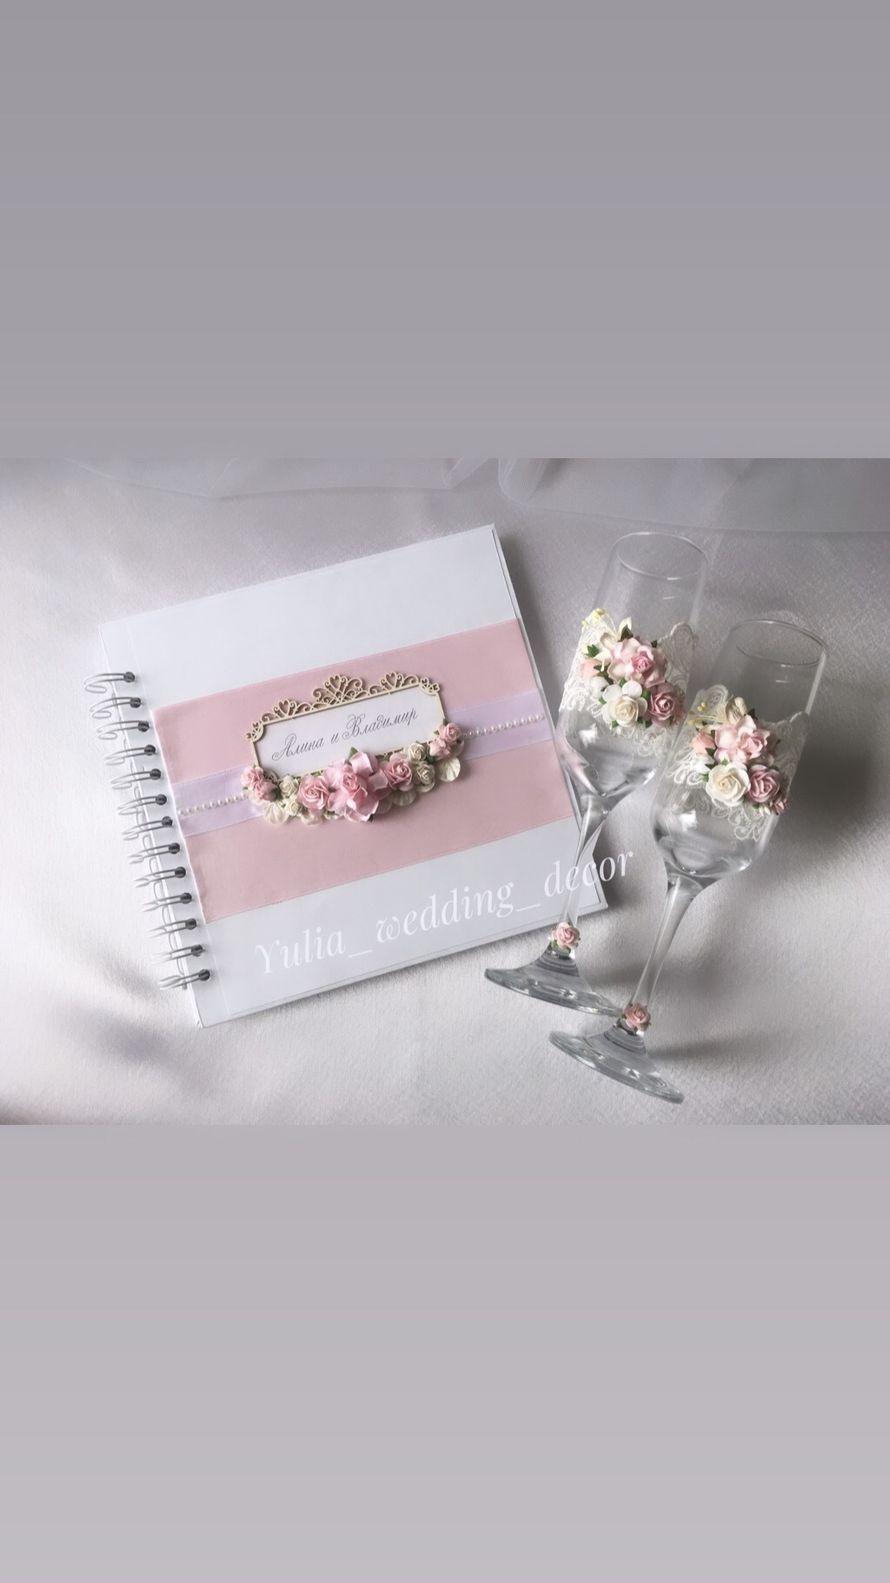 Фото 19143786 в коллекции 2019 - Wedding accessories - мастерская аксессуаров